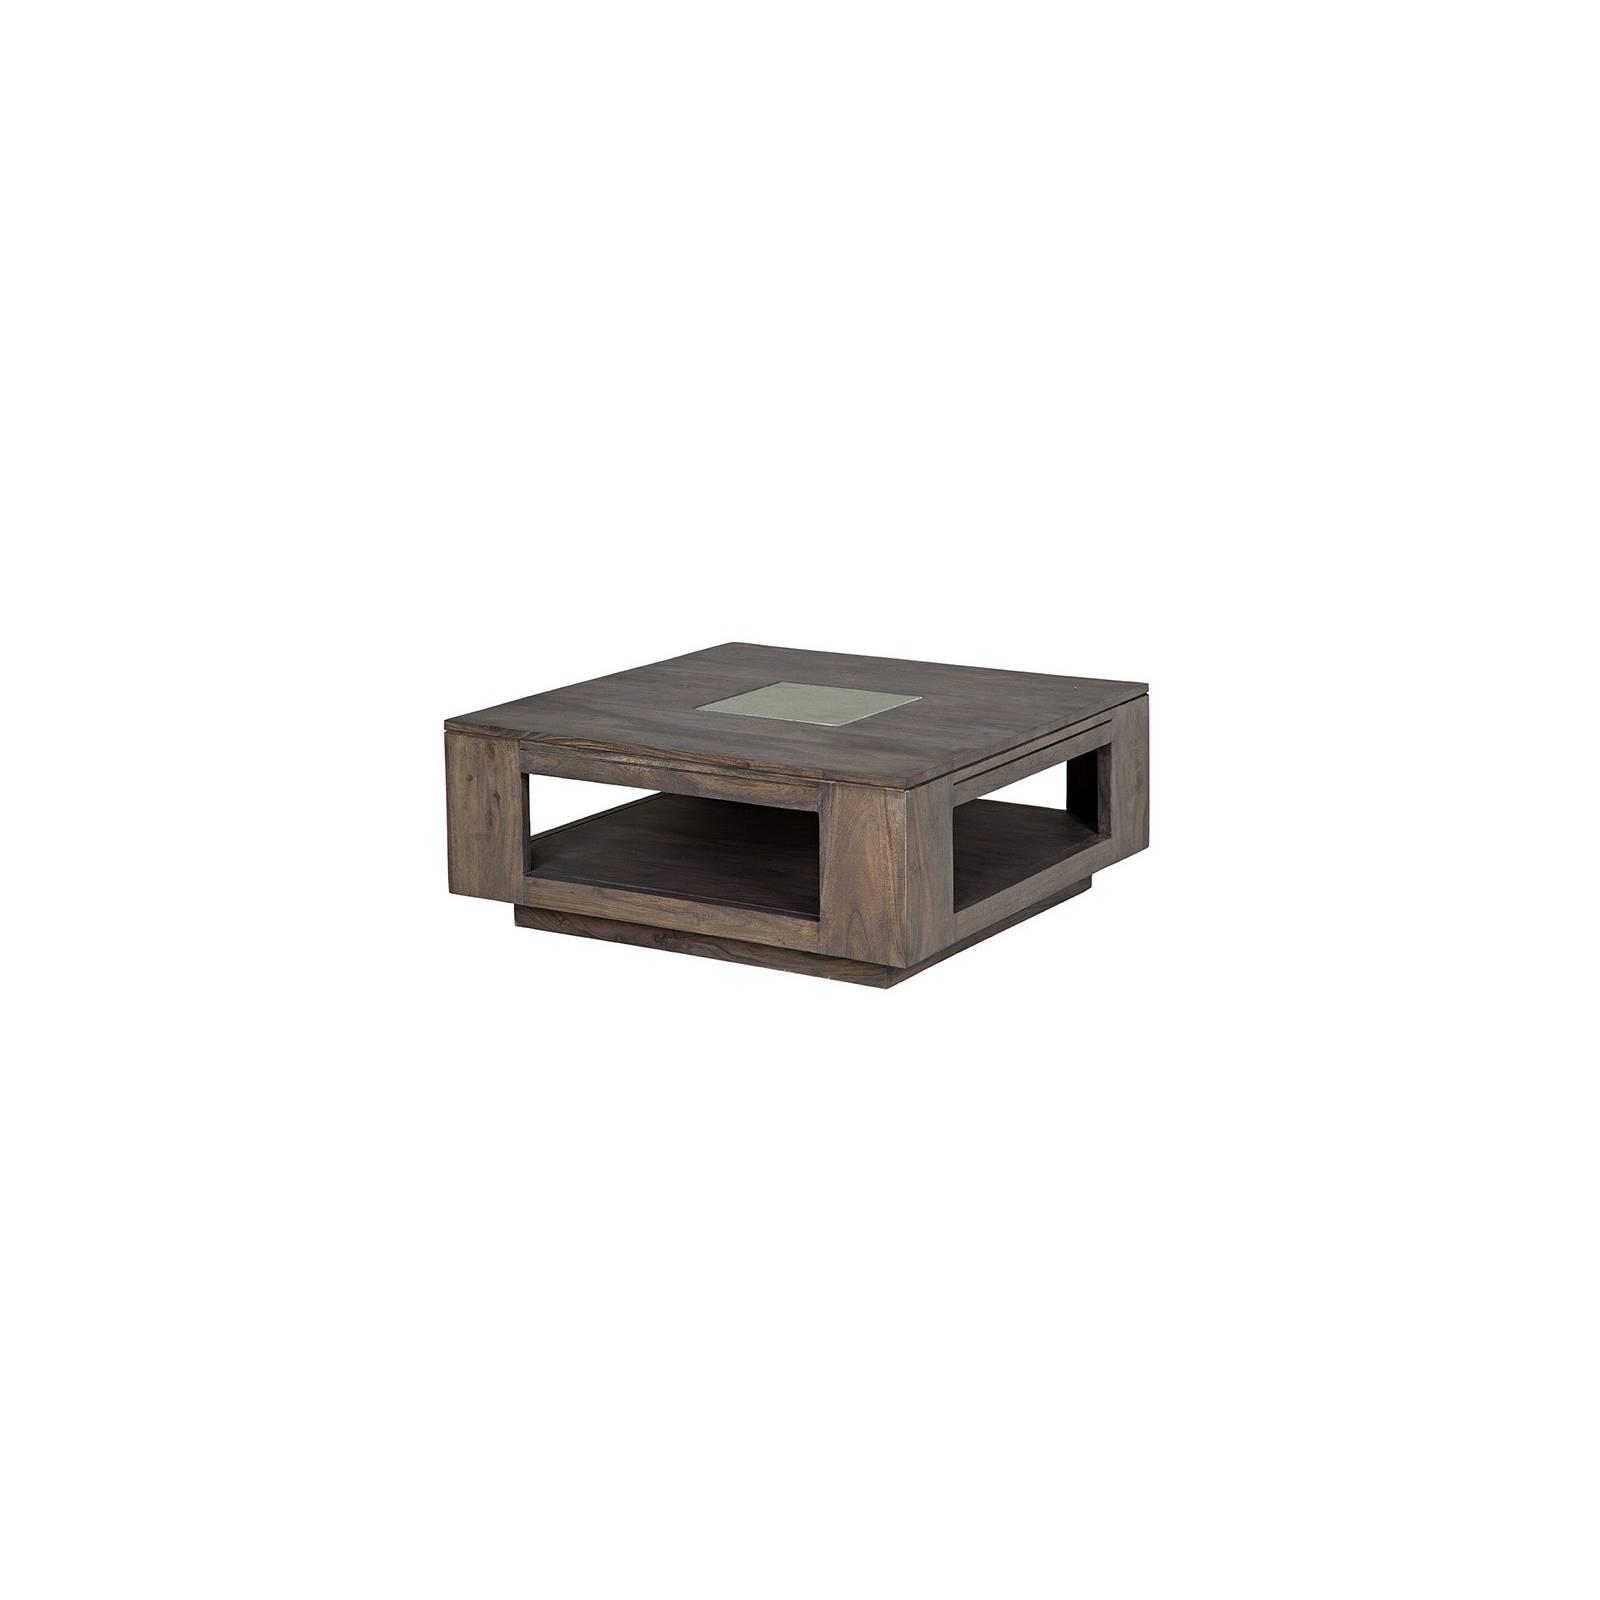 Table basse pierre et bois. Meubles design Tara Grisée